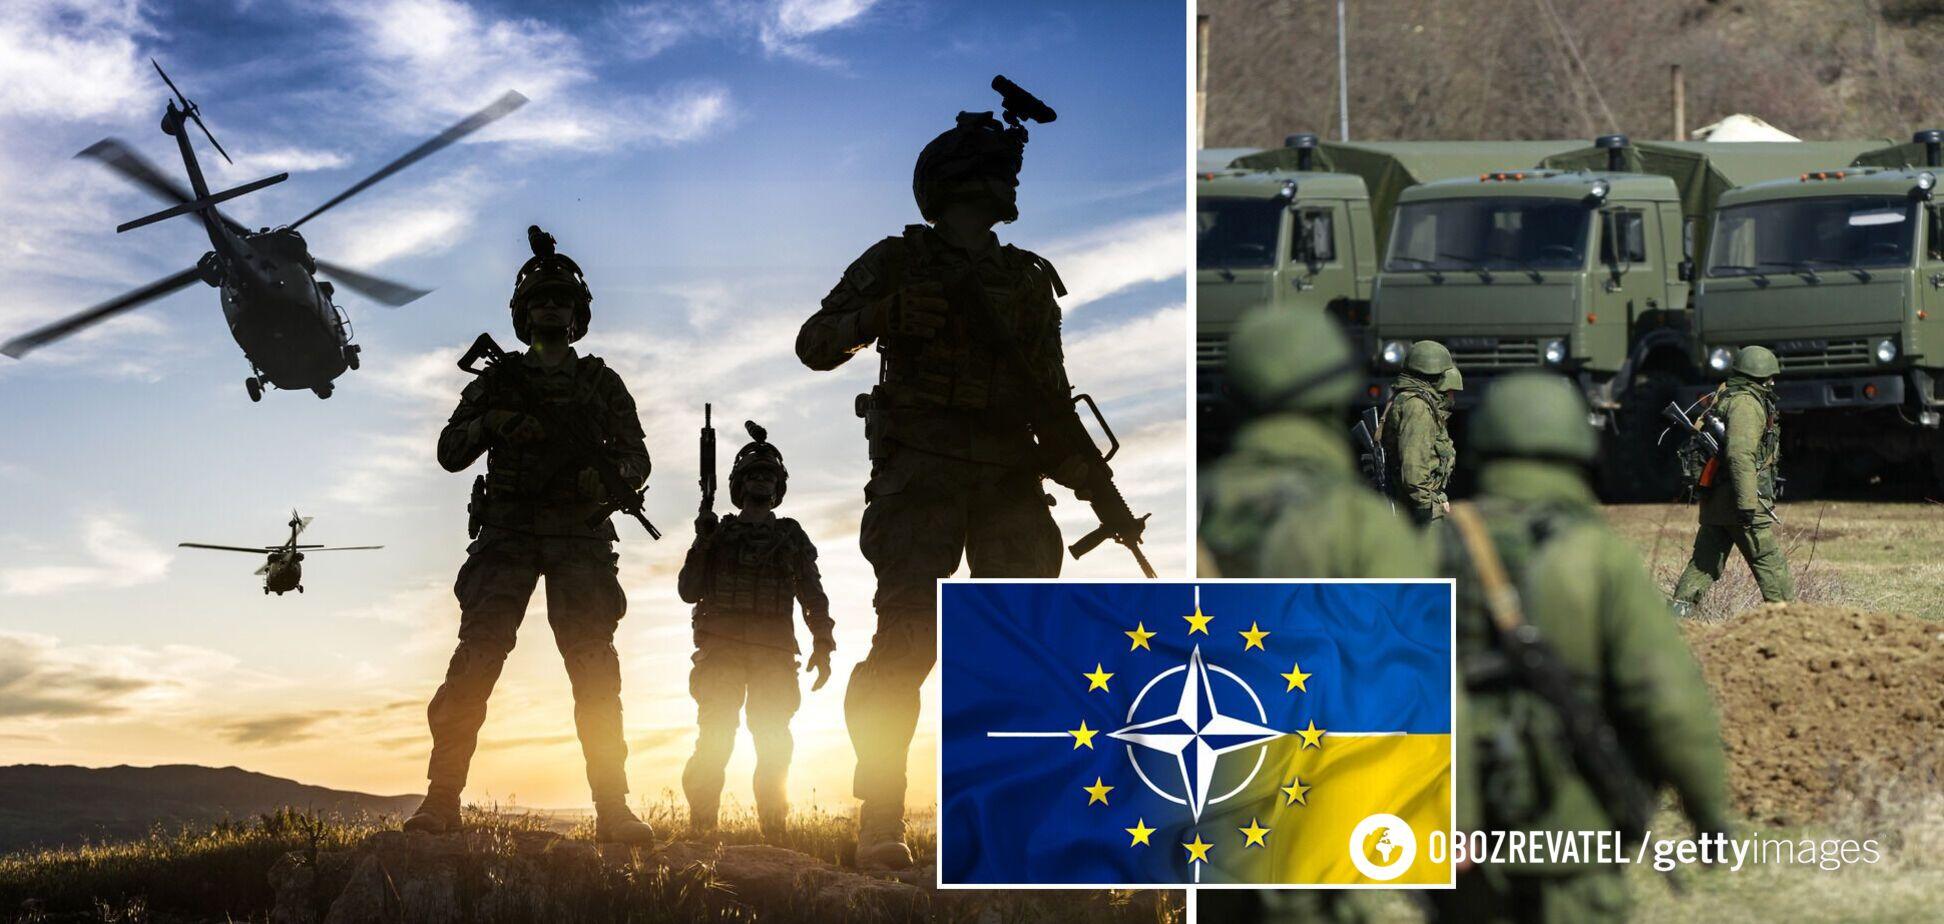 Послы НАТО провели встречу из-за агрессии России у границы Украины: в Кремле пригрозили